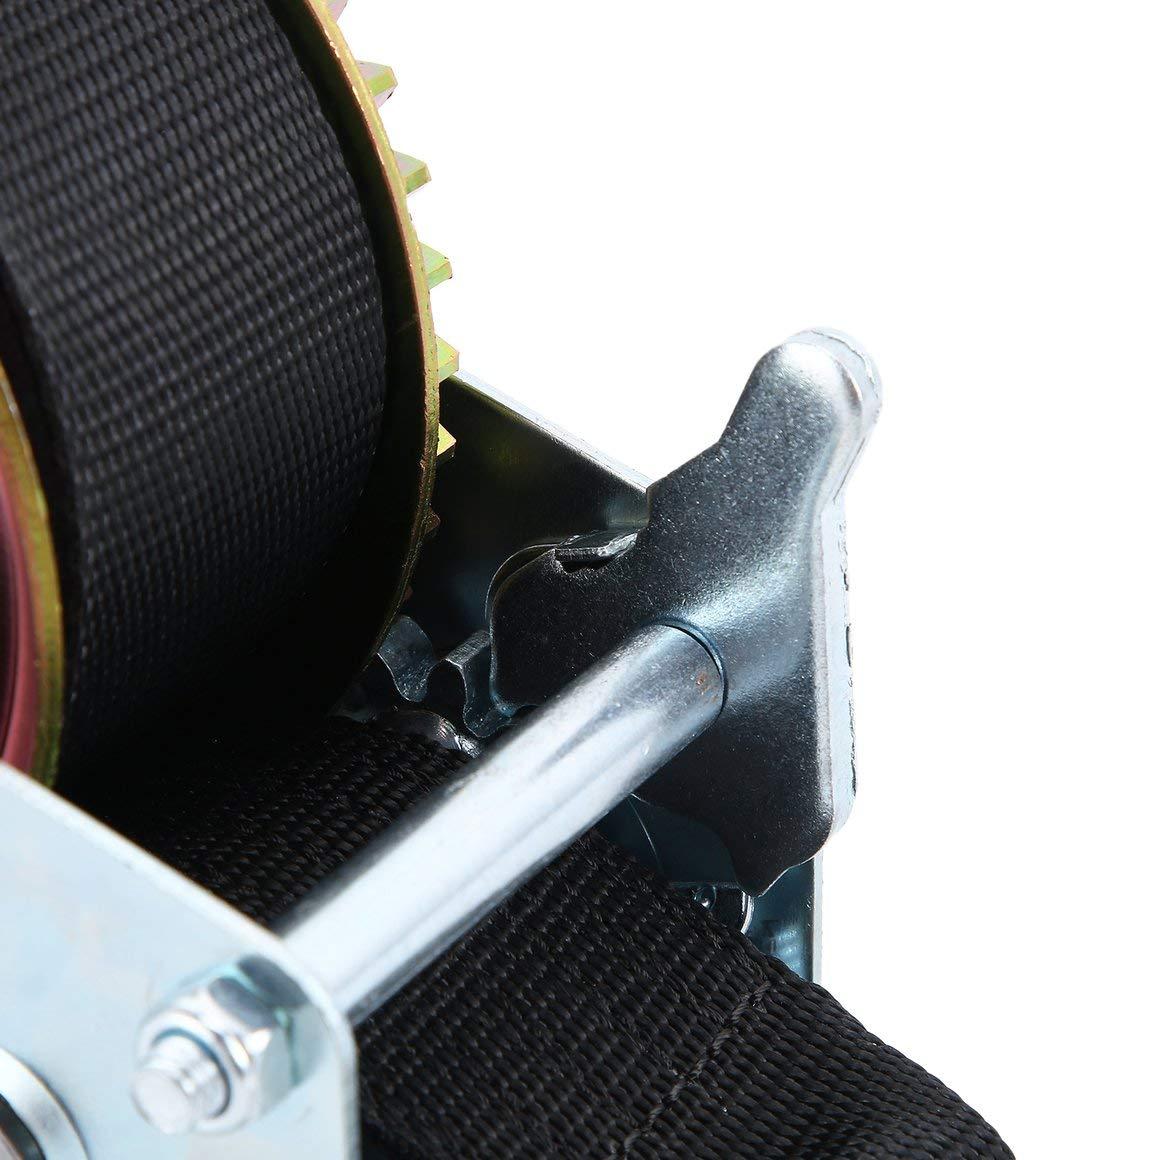 Funnyrunstore Manuel 1500lbs 8m Polyester Fibre Sangle C/âble Main Remorque Bateau Remorque Deux Engrenages Extracteur Outil /À Main Outil De Levage